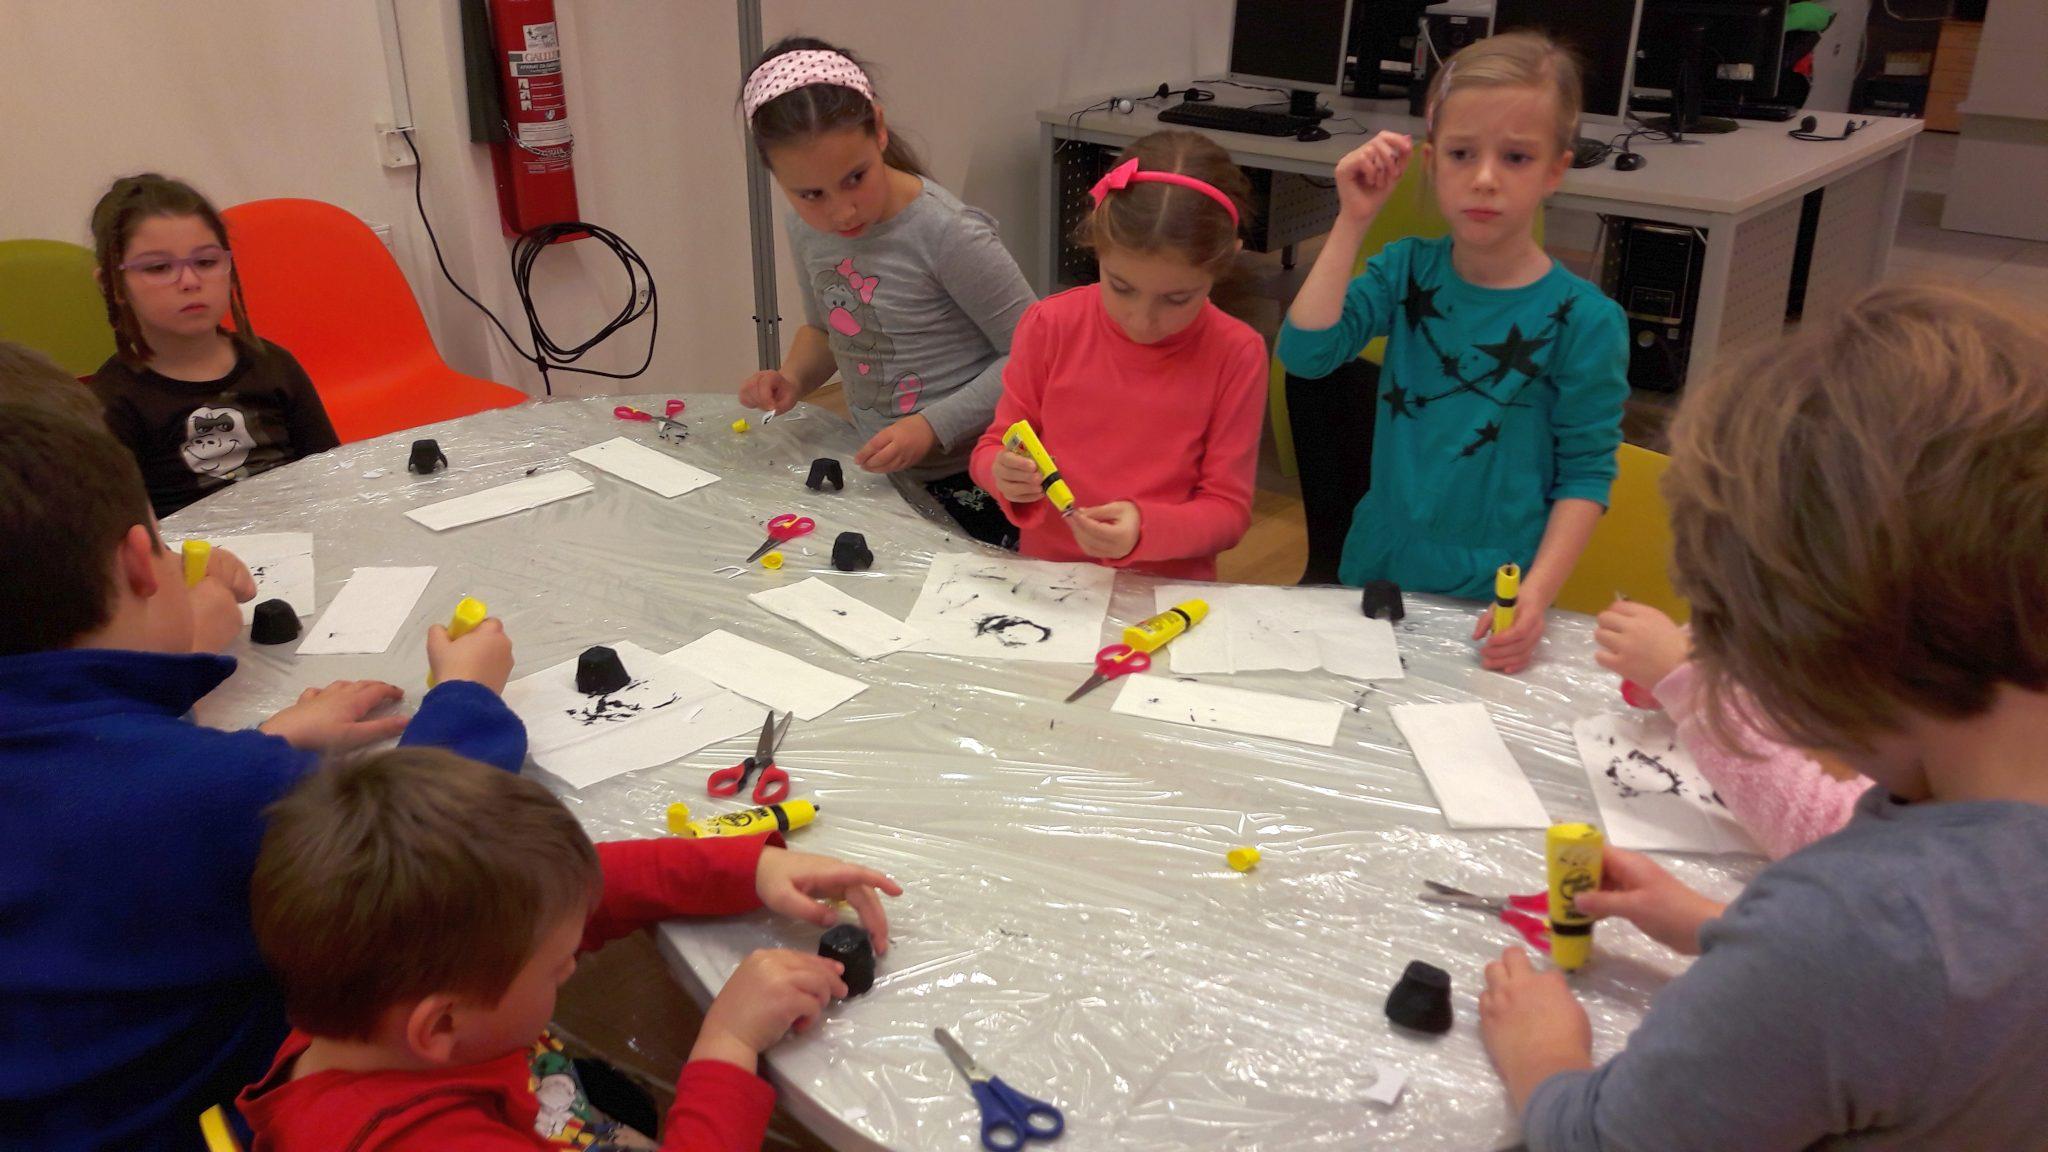 20170117 174640 - Pravljična urica z ustvarjalno delavnico za otroke od 4. leta dalje